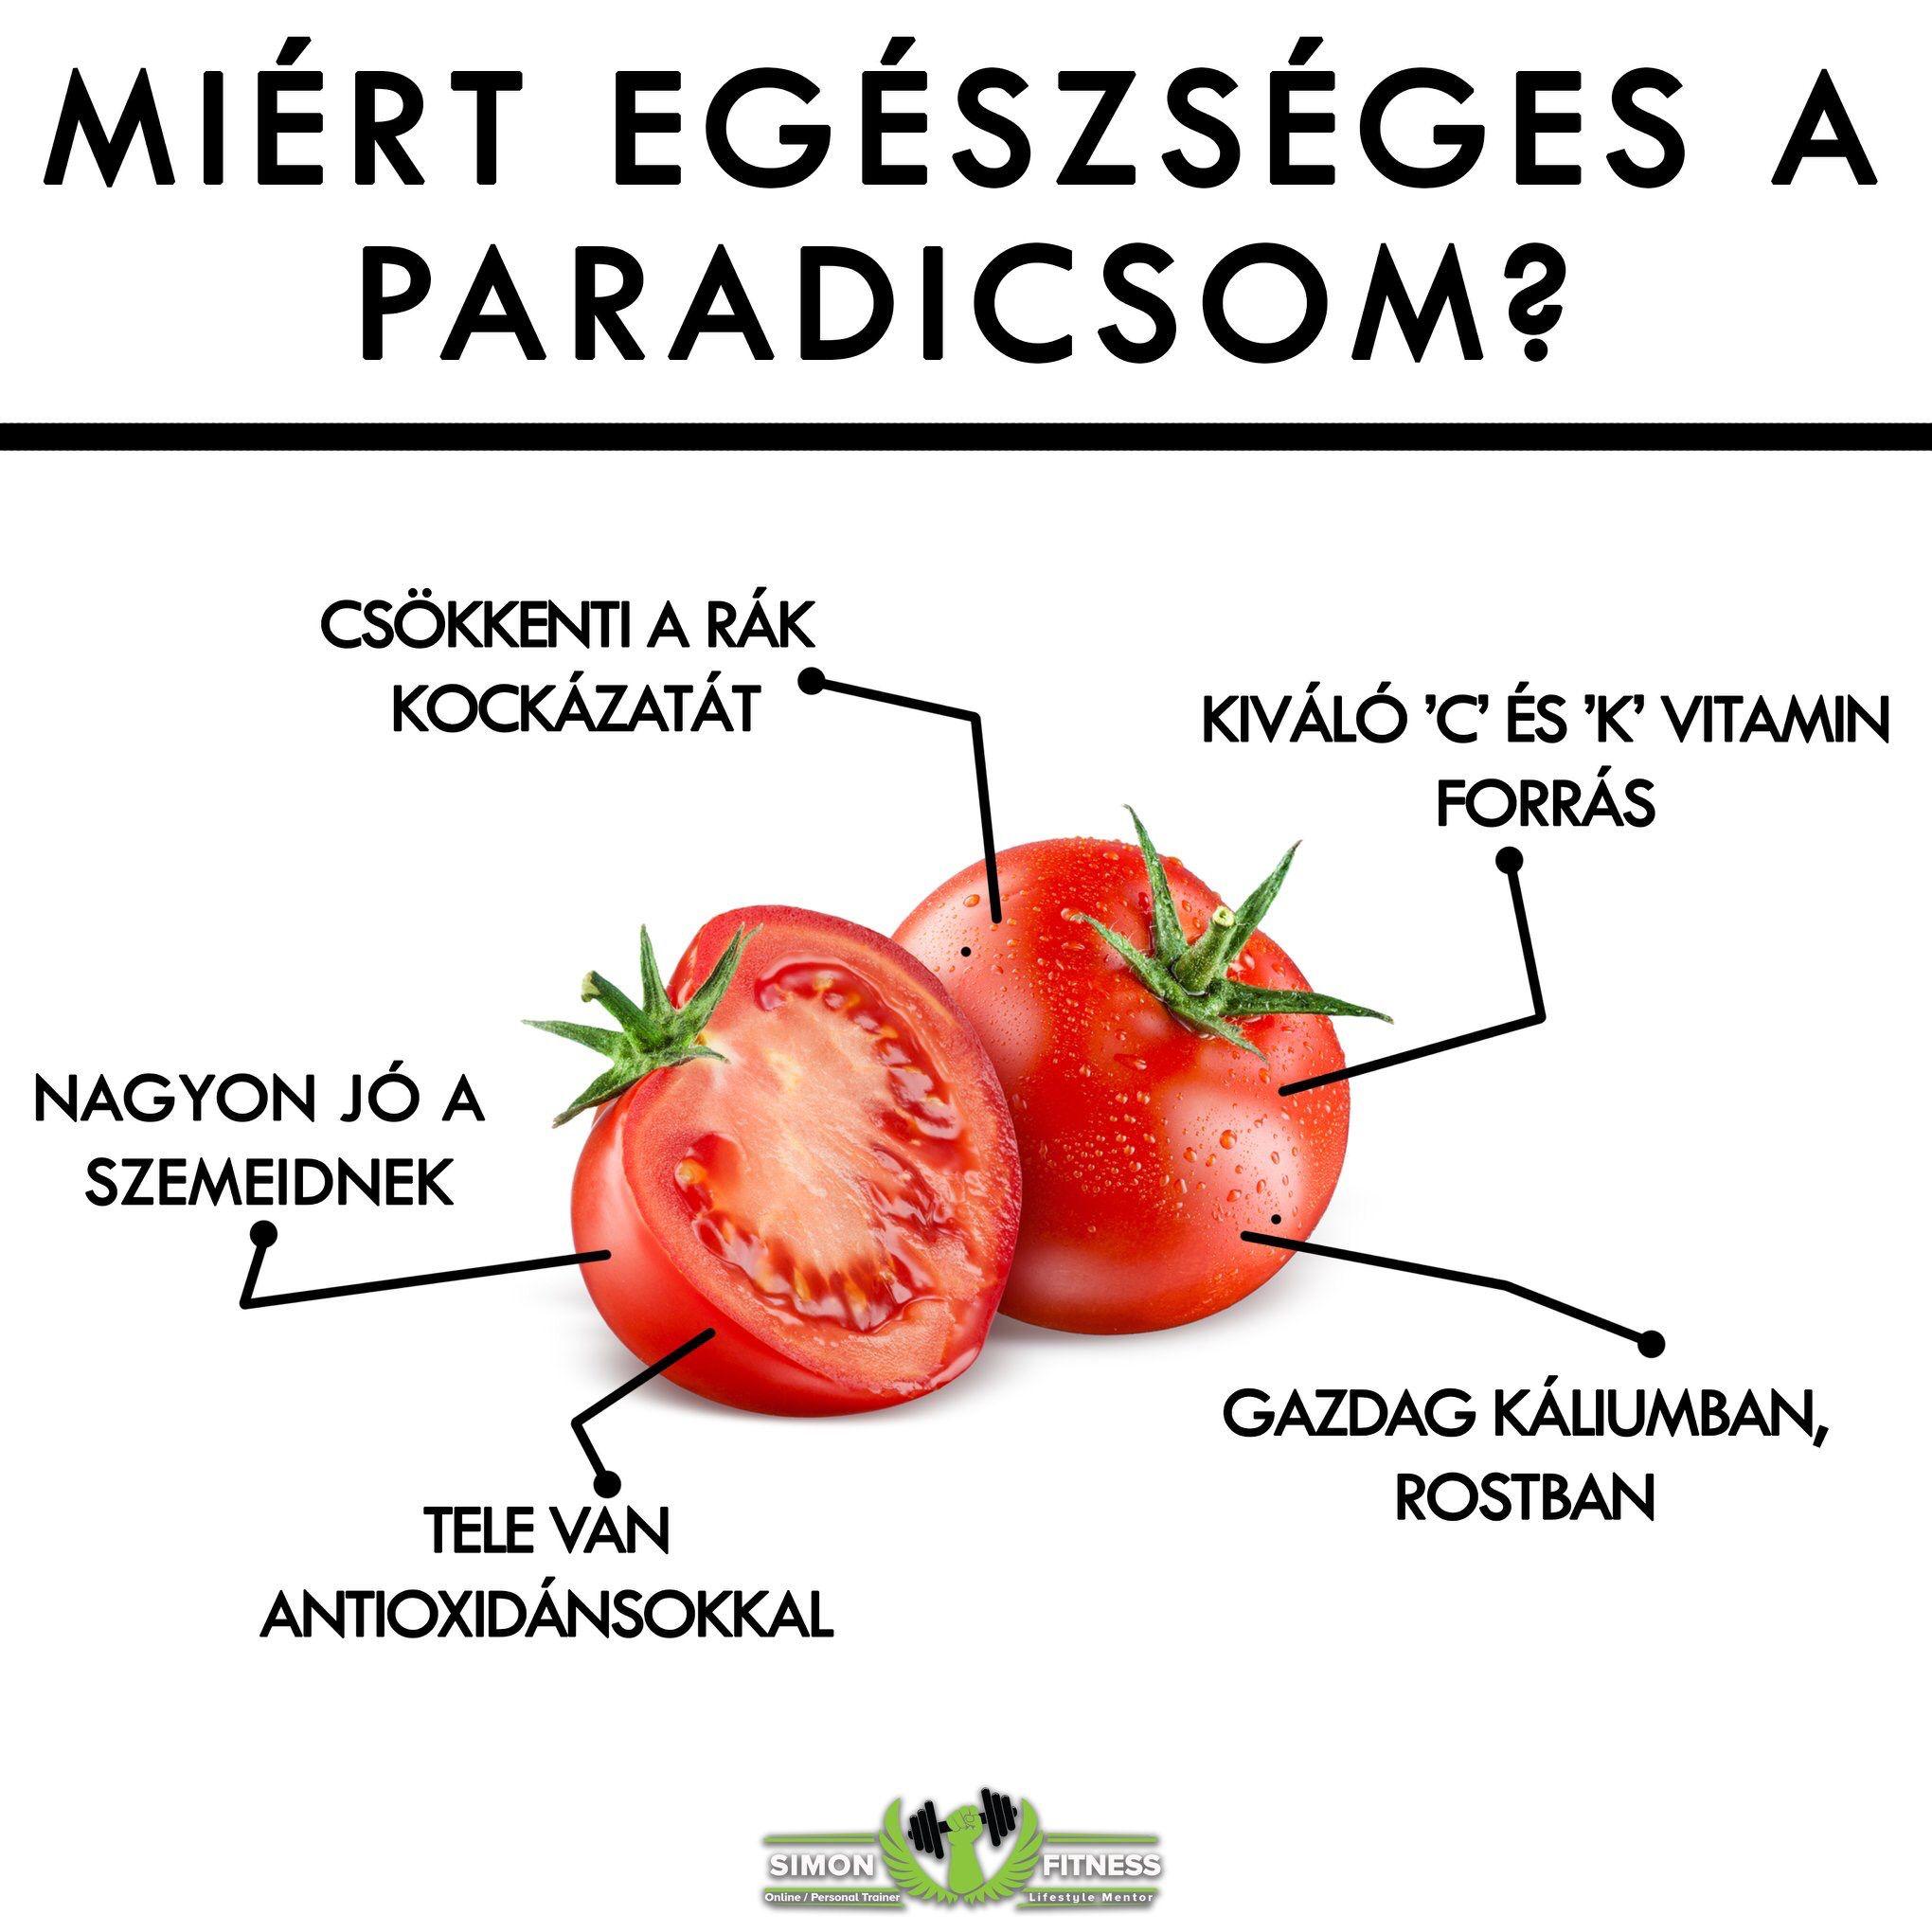 a paradicsom segít a zsírégetésben